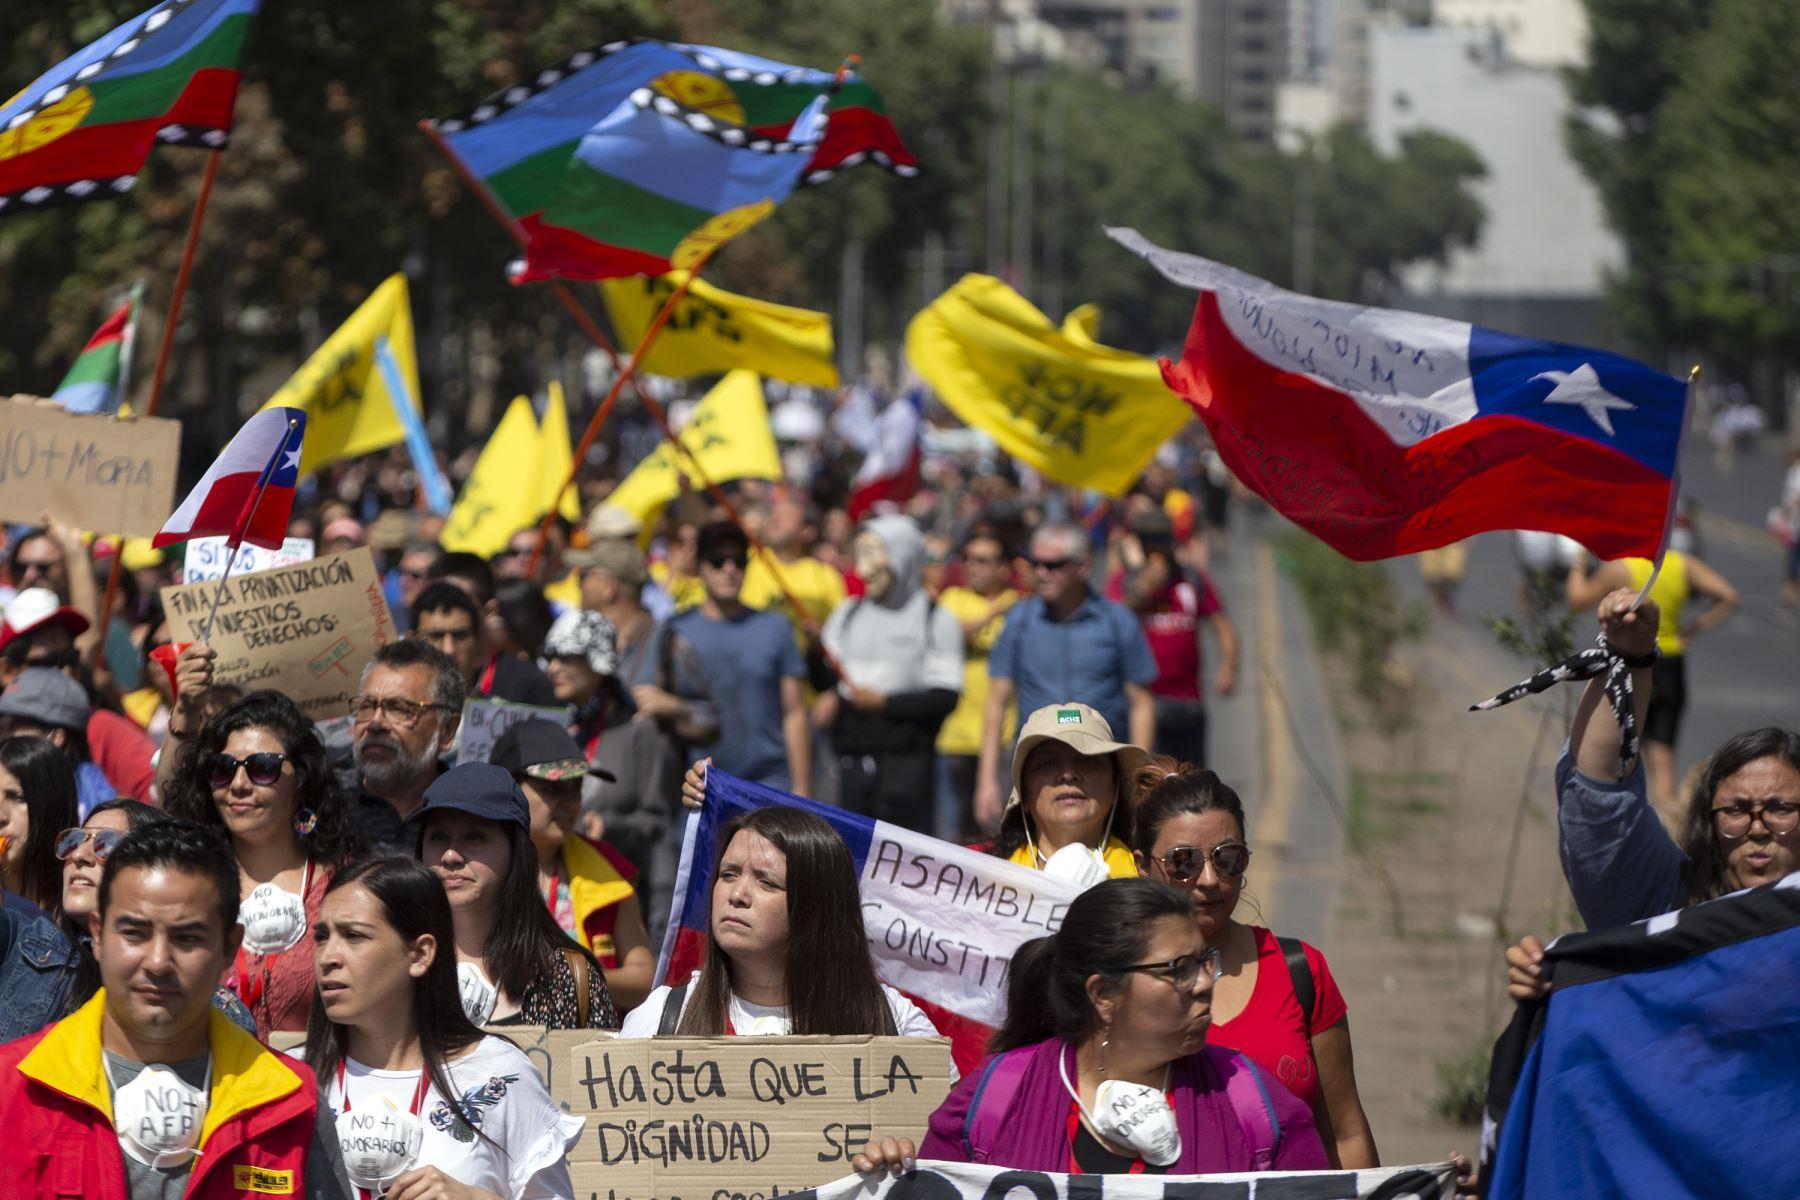 La gente se manifiesta contra el gobierno del presidente chileno Sebastián Piñera en Santiago.  Foto: AFP